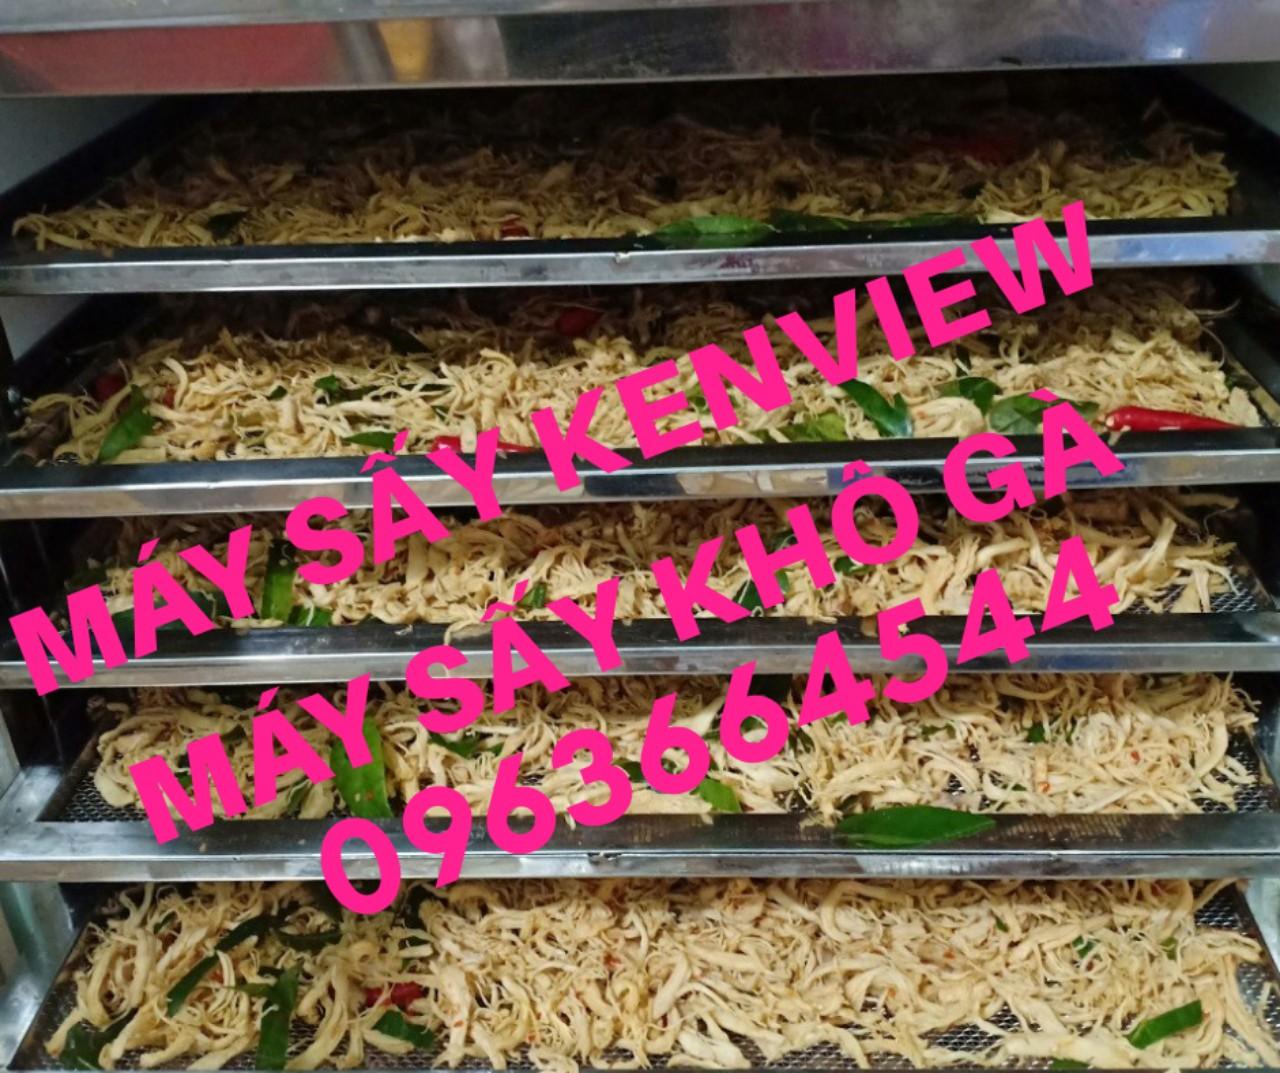 Cung cấp máy sấy khô gà ở Đà Lạt, máy sấy đa năng 0963664544